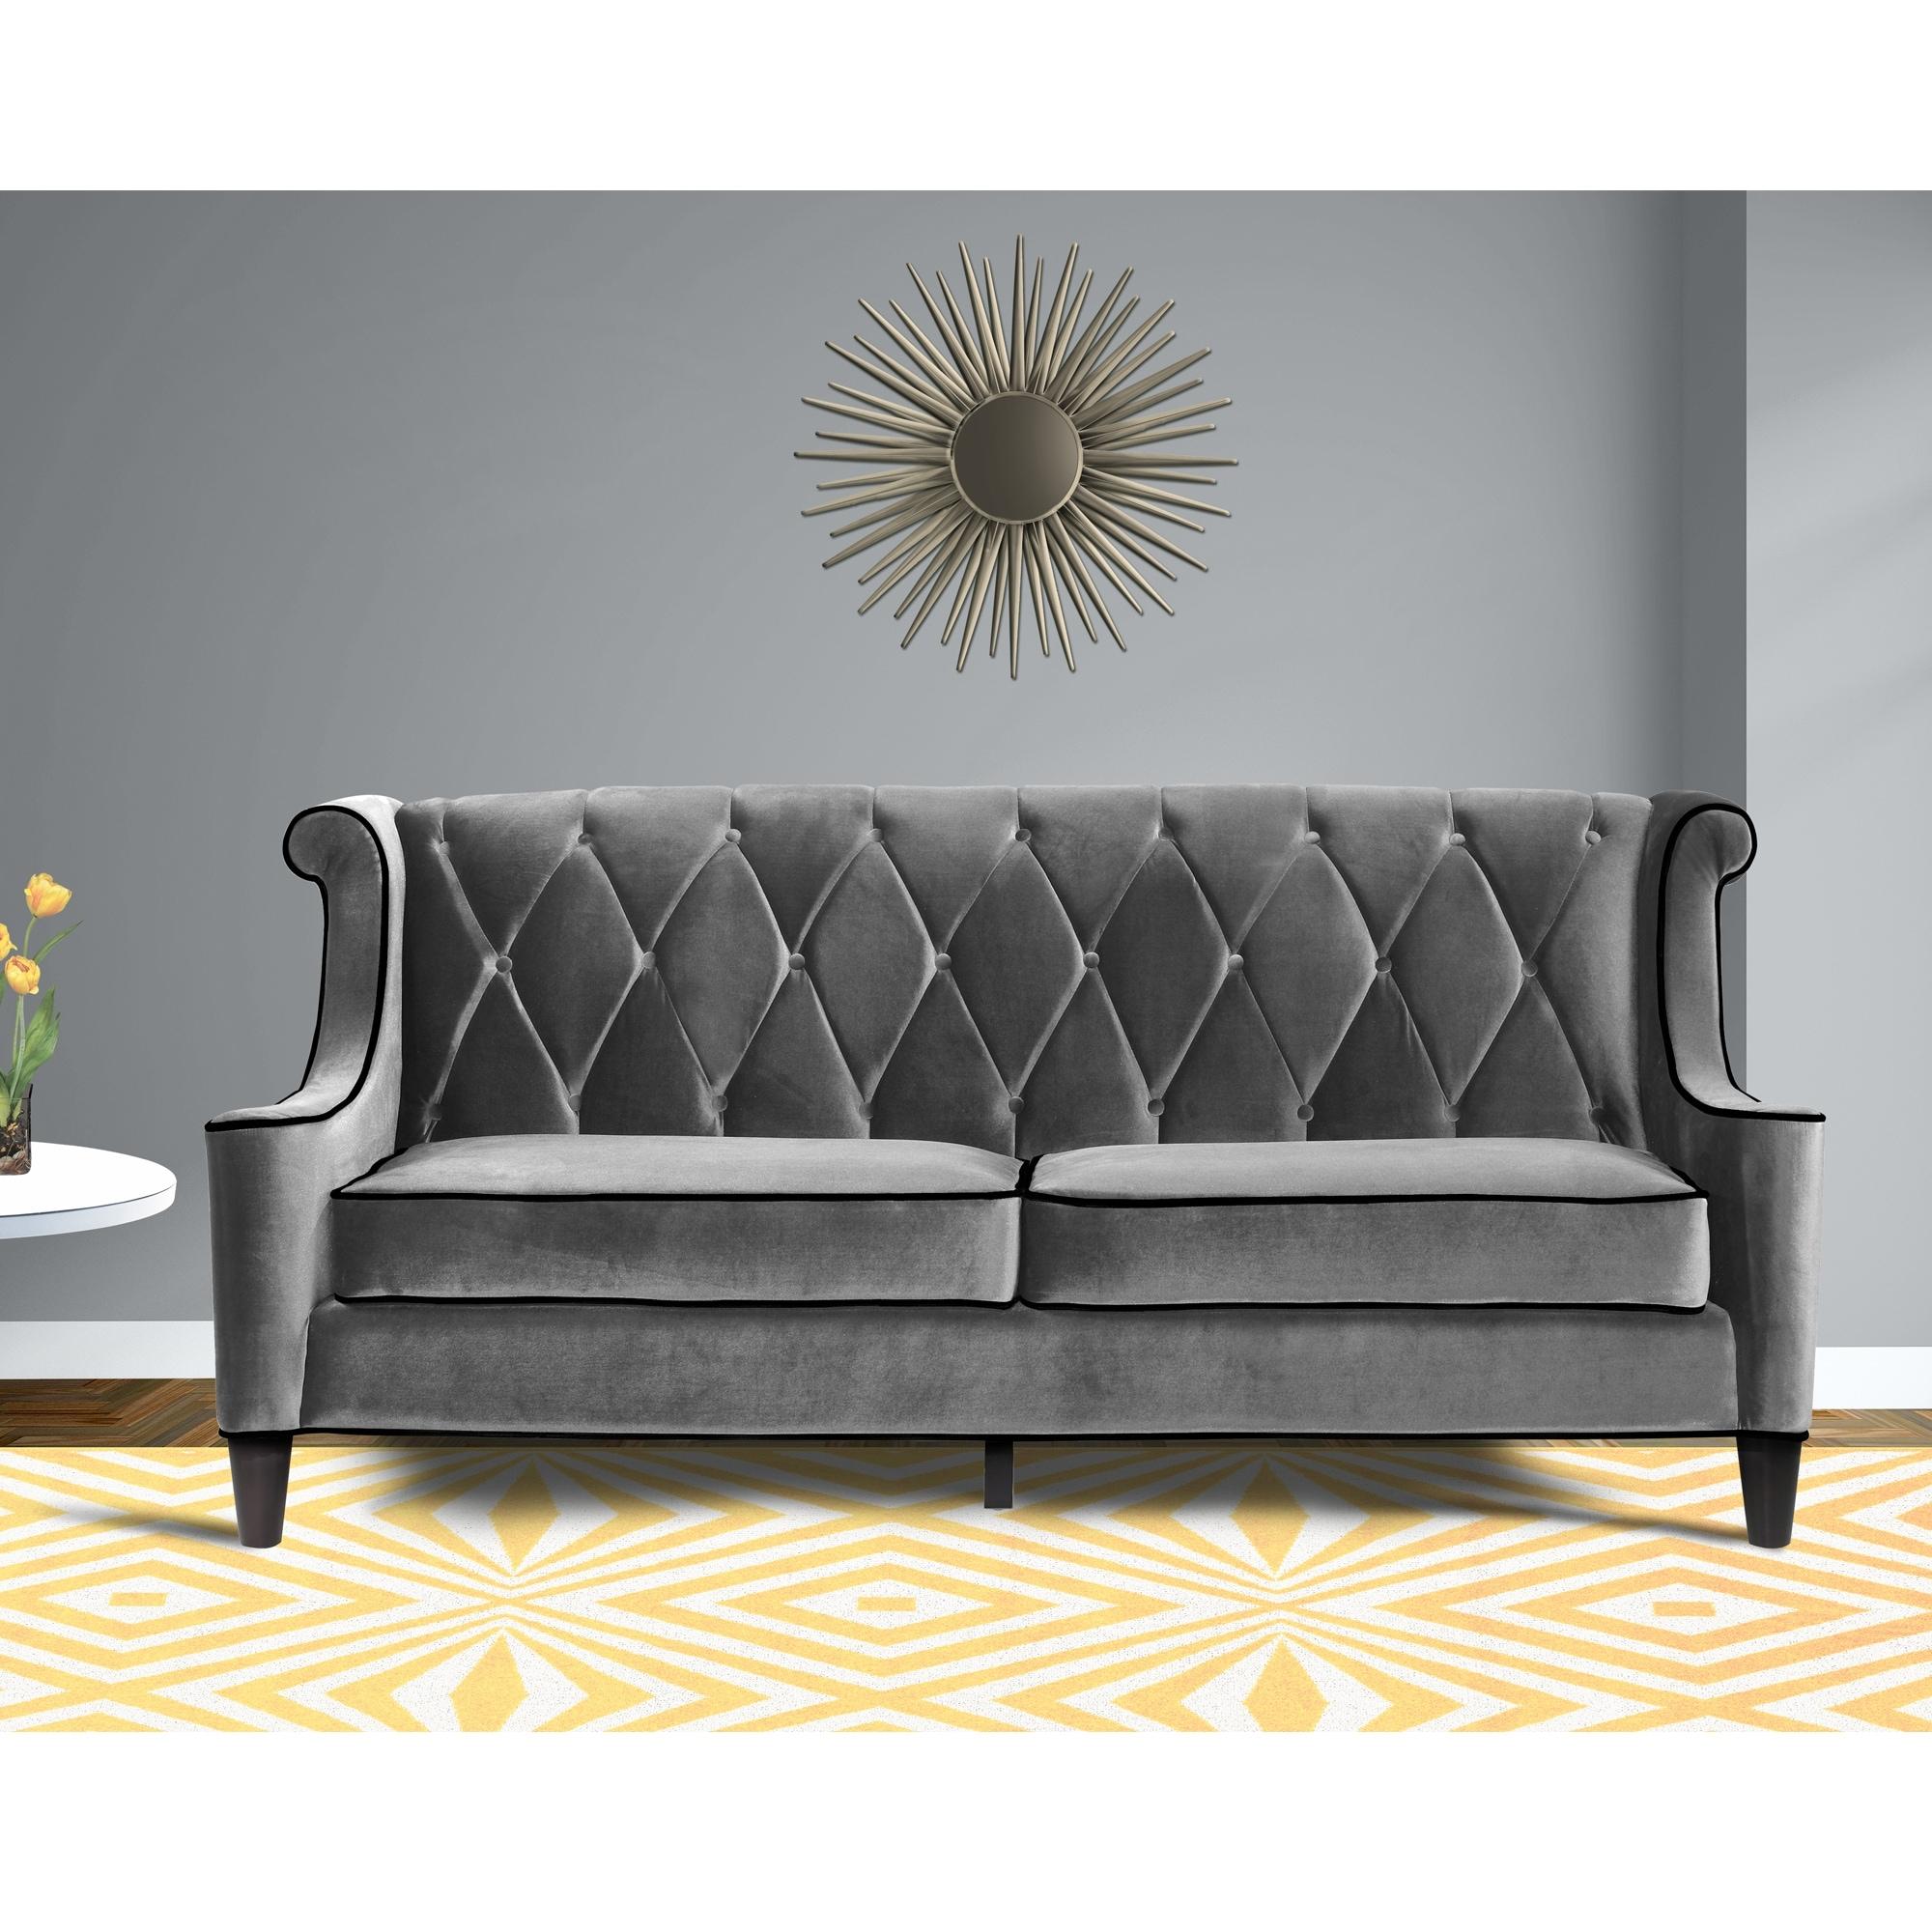 Armen Living Barrister Modern Velvet Sofa Overstock 6629457